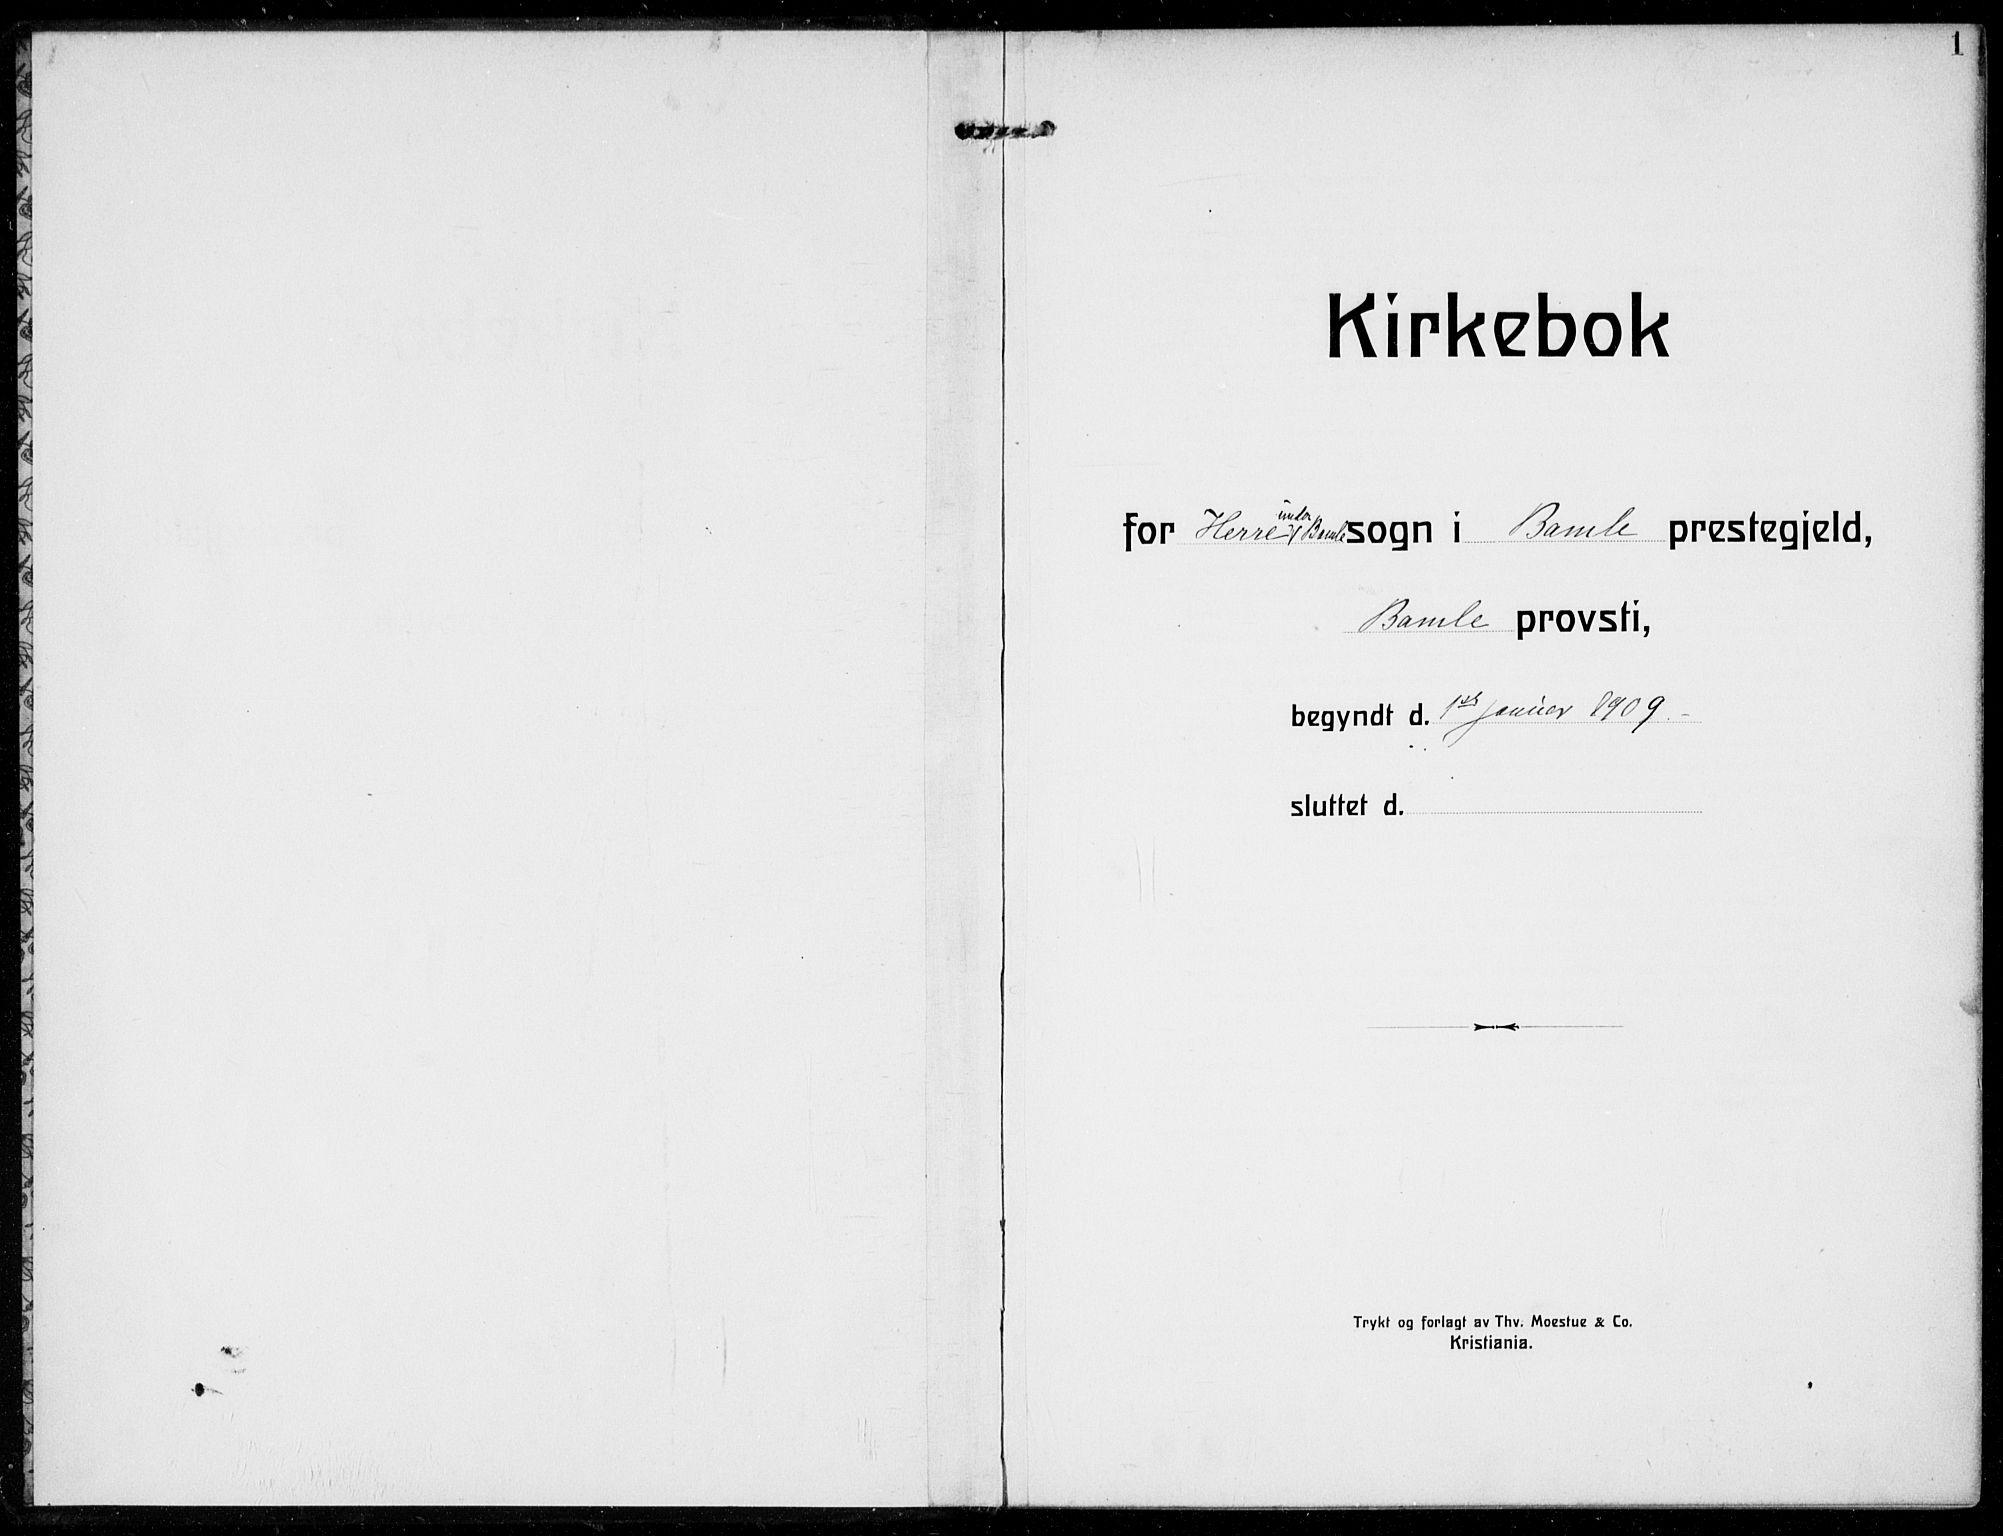 SAKO, Bamble kirkebøker, F/Fc/L0001: Ministerialbok nr. III 1, 1909-1916, s. 1